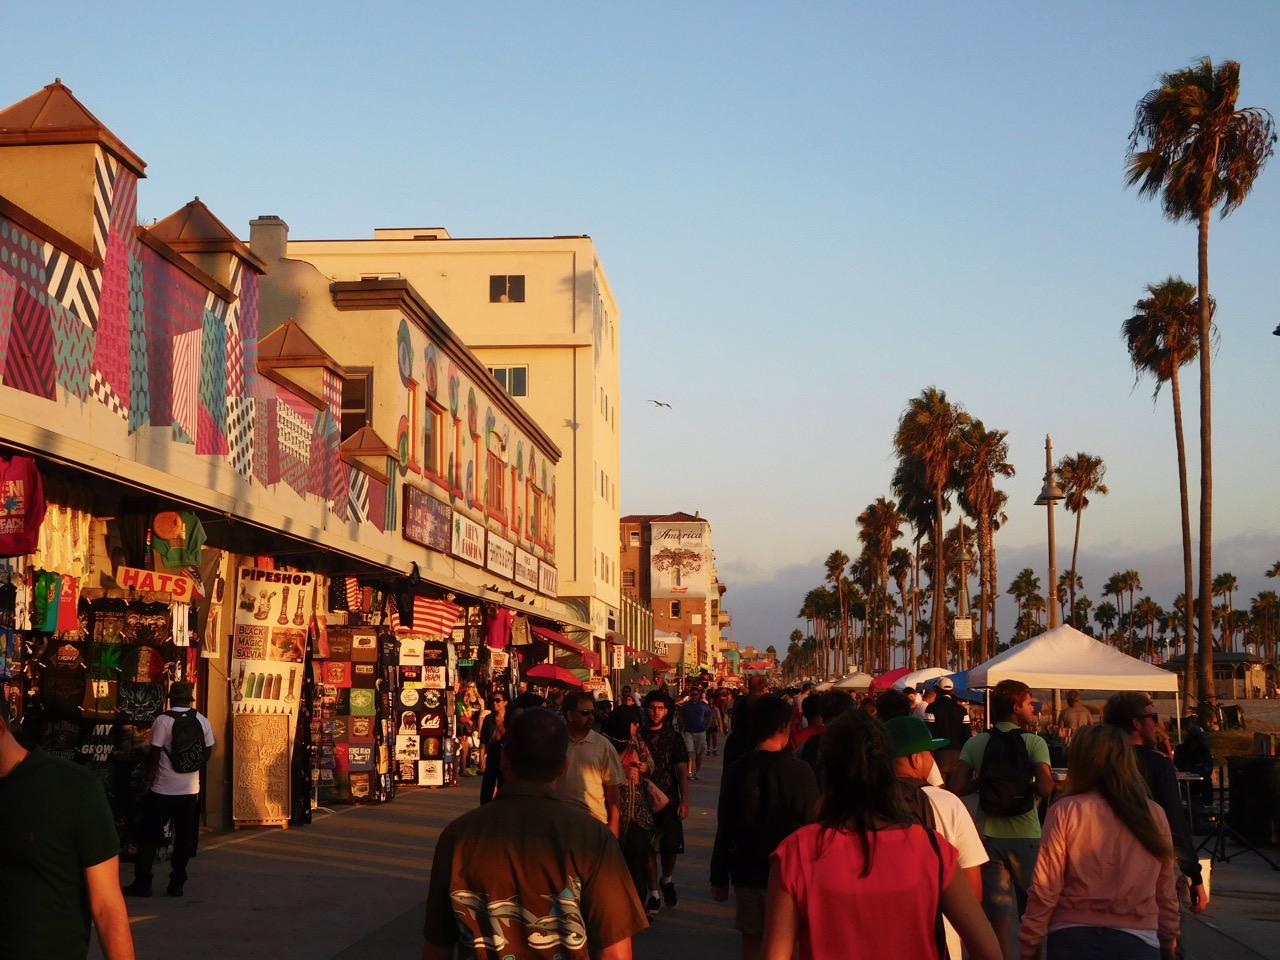 3 Days in L.A. - Venice Beach (6)